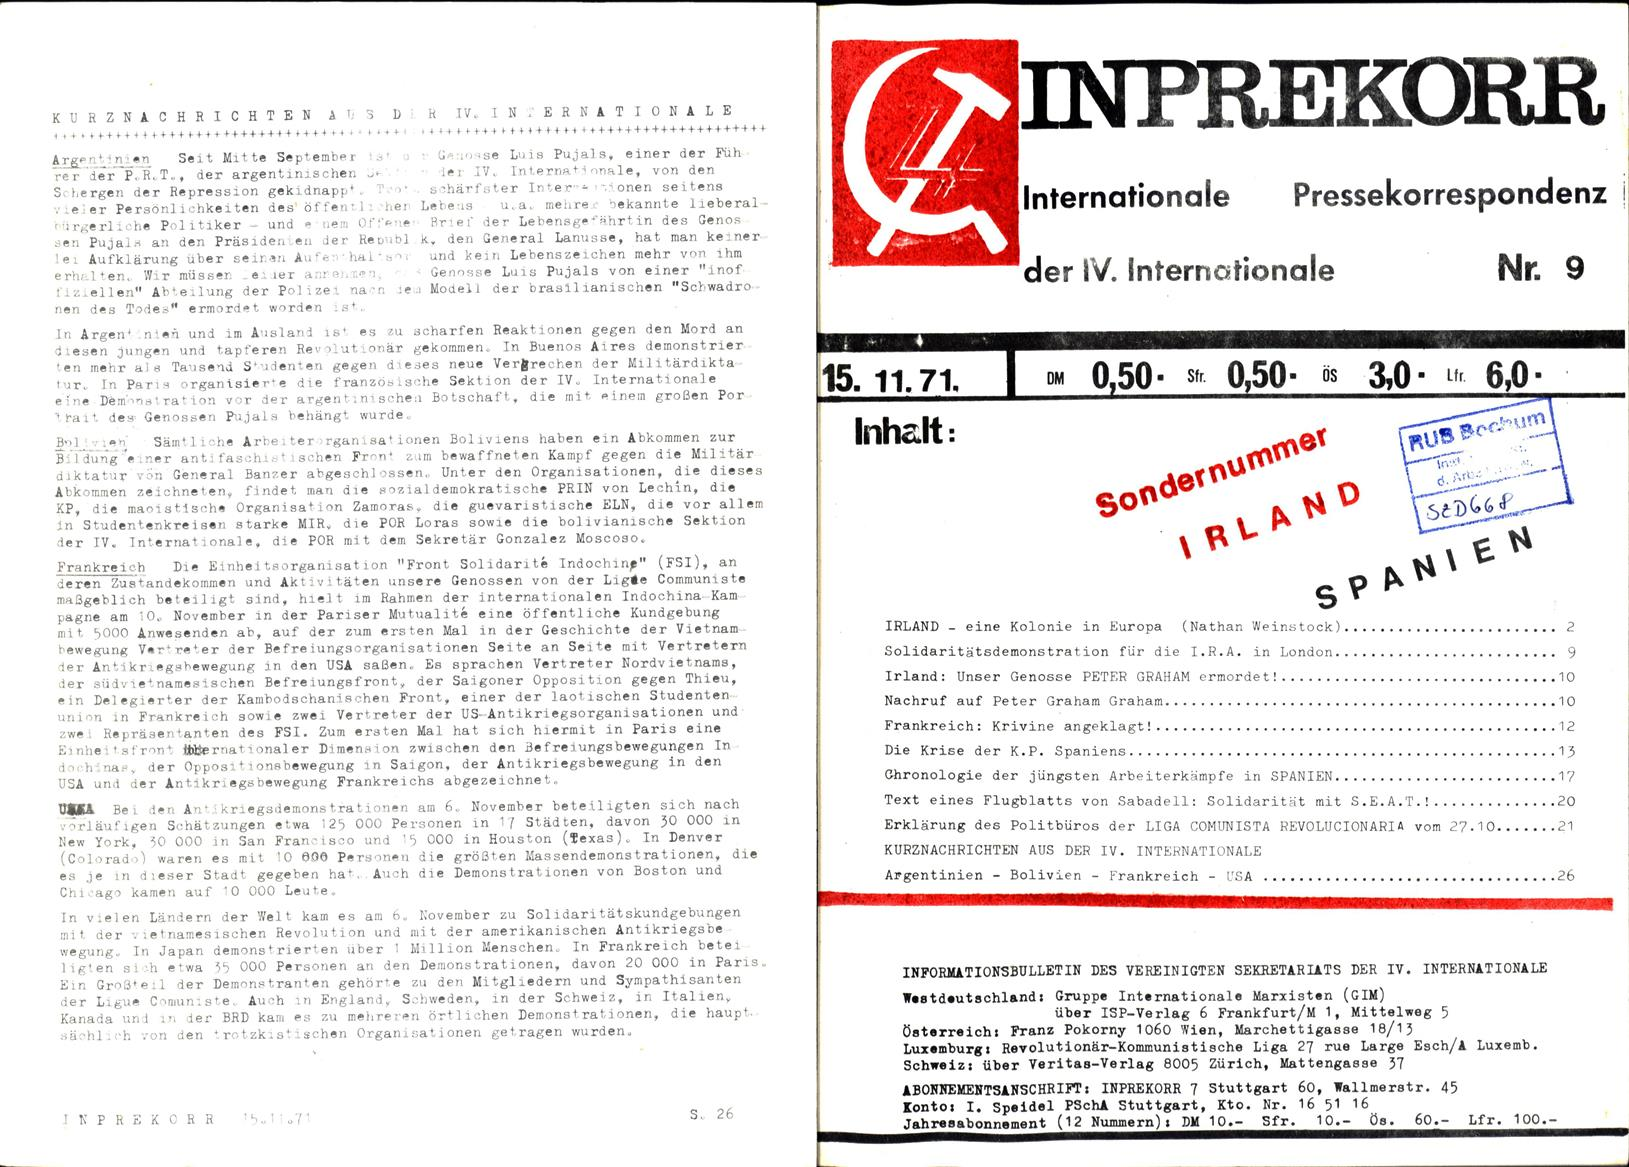 Inprekorr_19711115_009_001